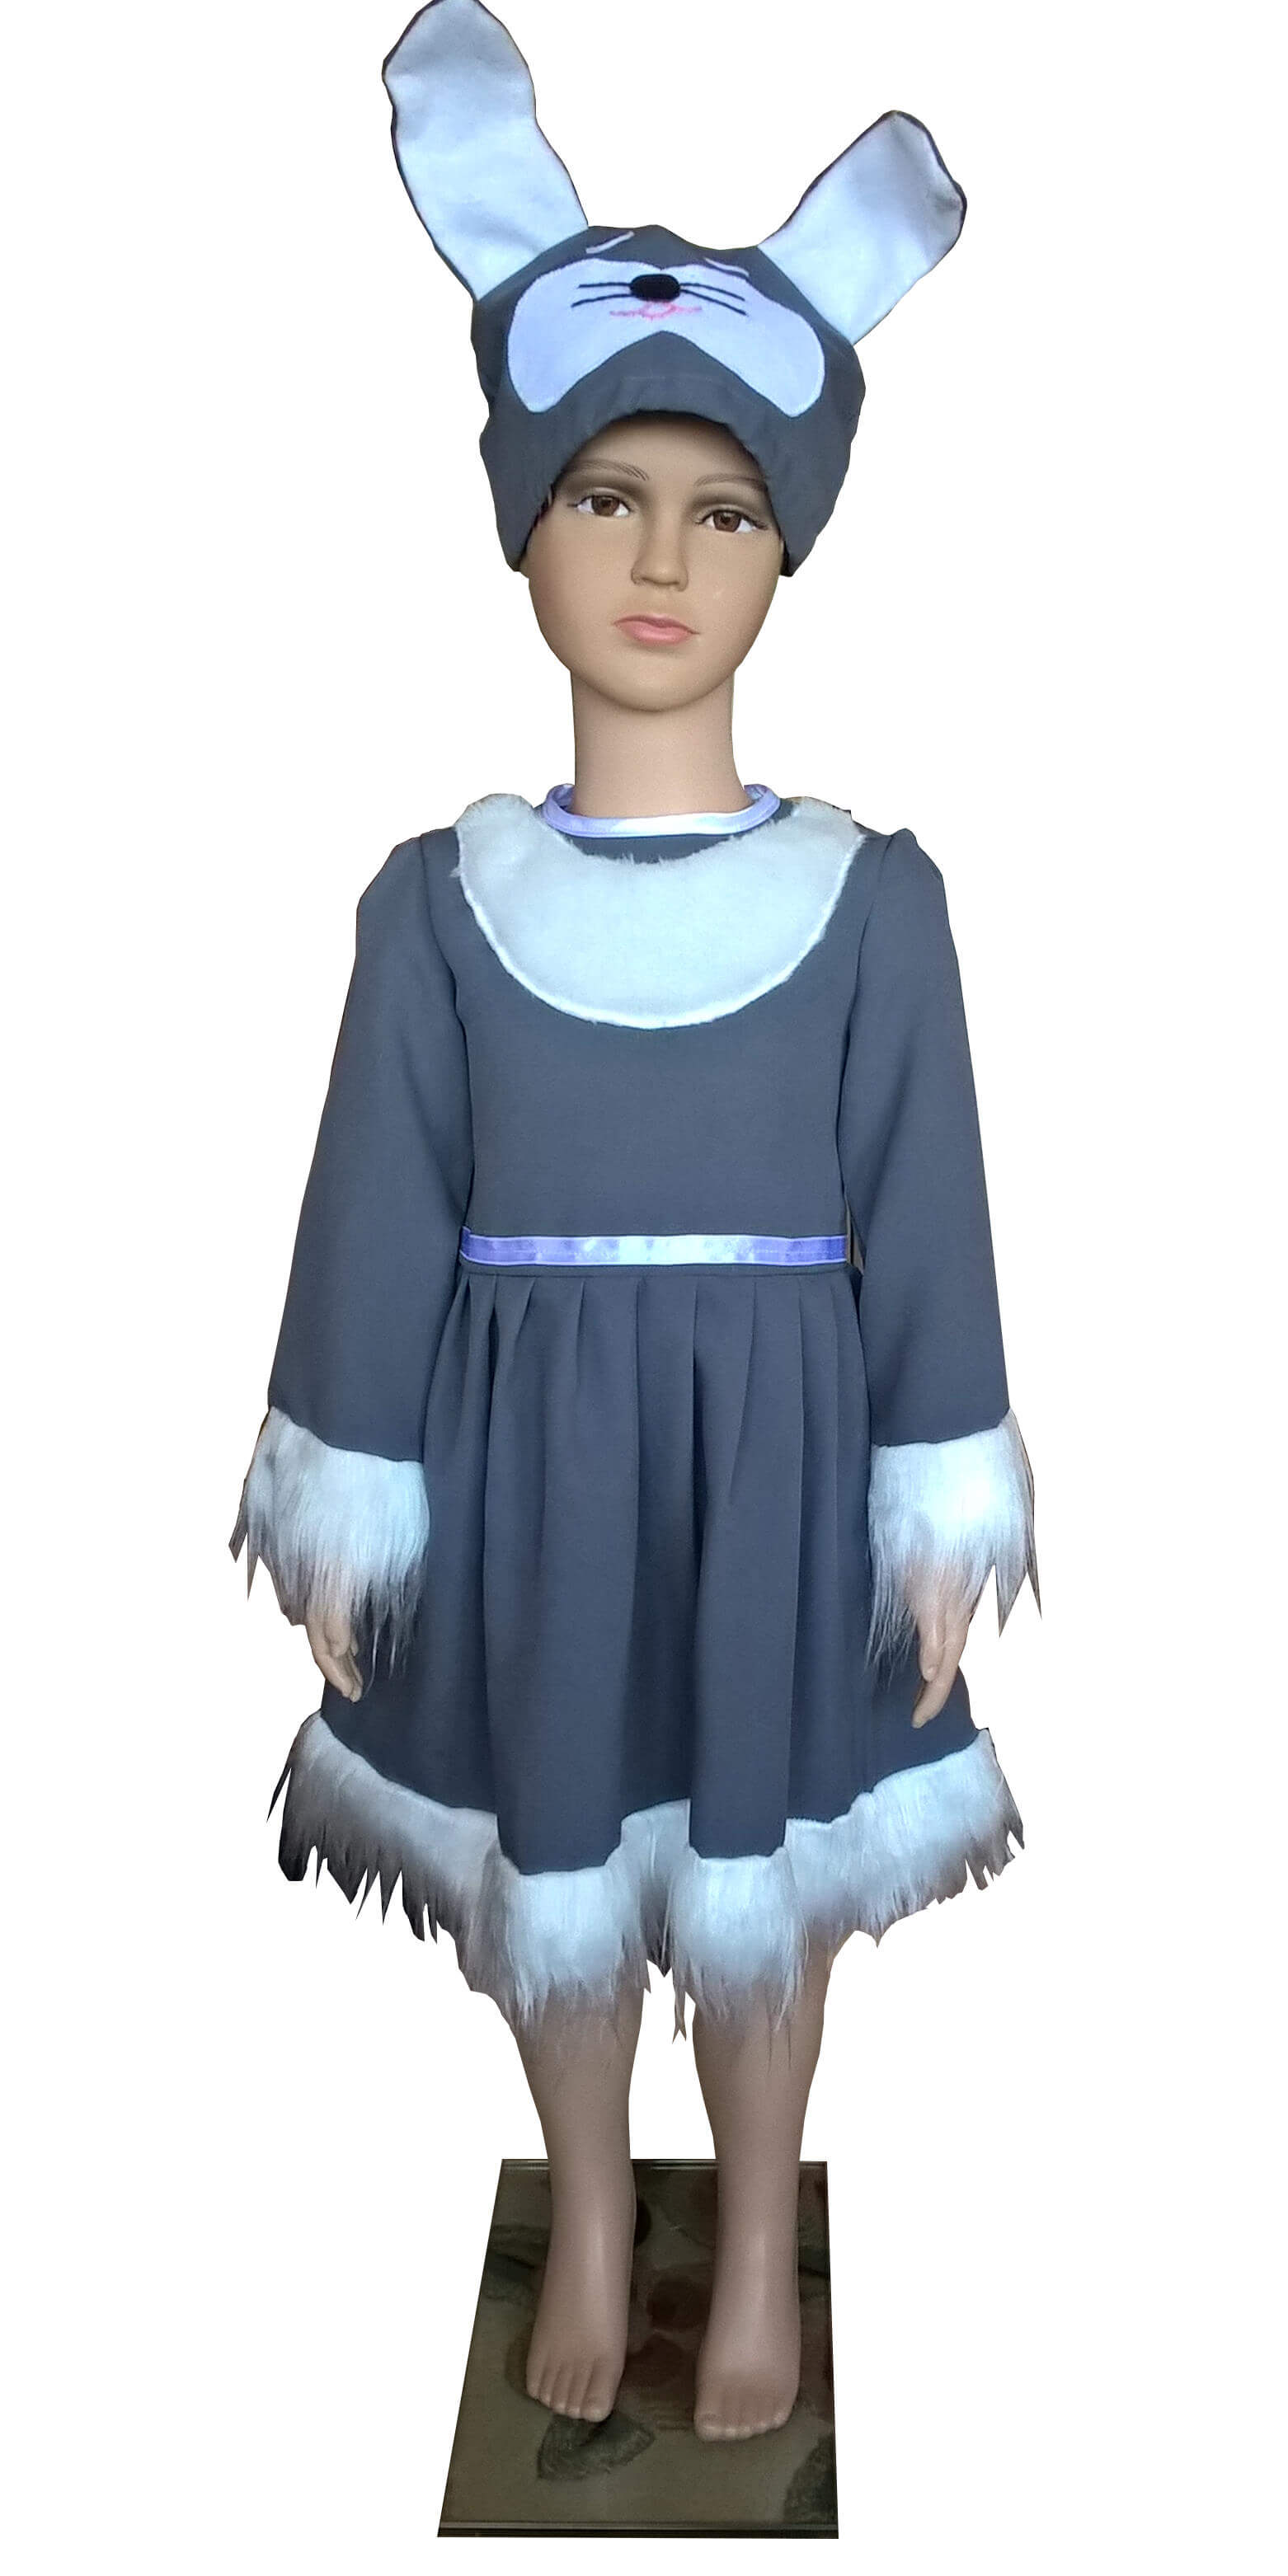 Kiškutės kostiumas. Gyvunų karnavaliniai kostiumai. Karnavaliniu kostiumu nuoma vaikams Vilniuje - pasakunamai.lt